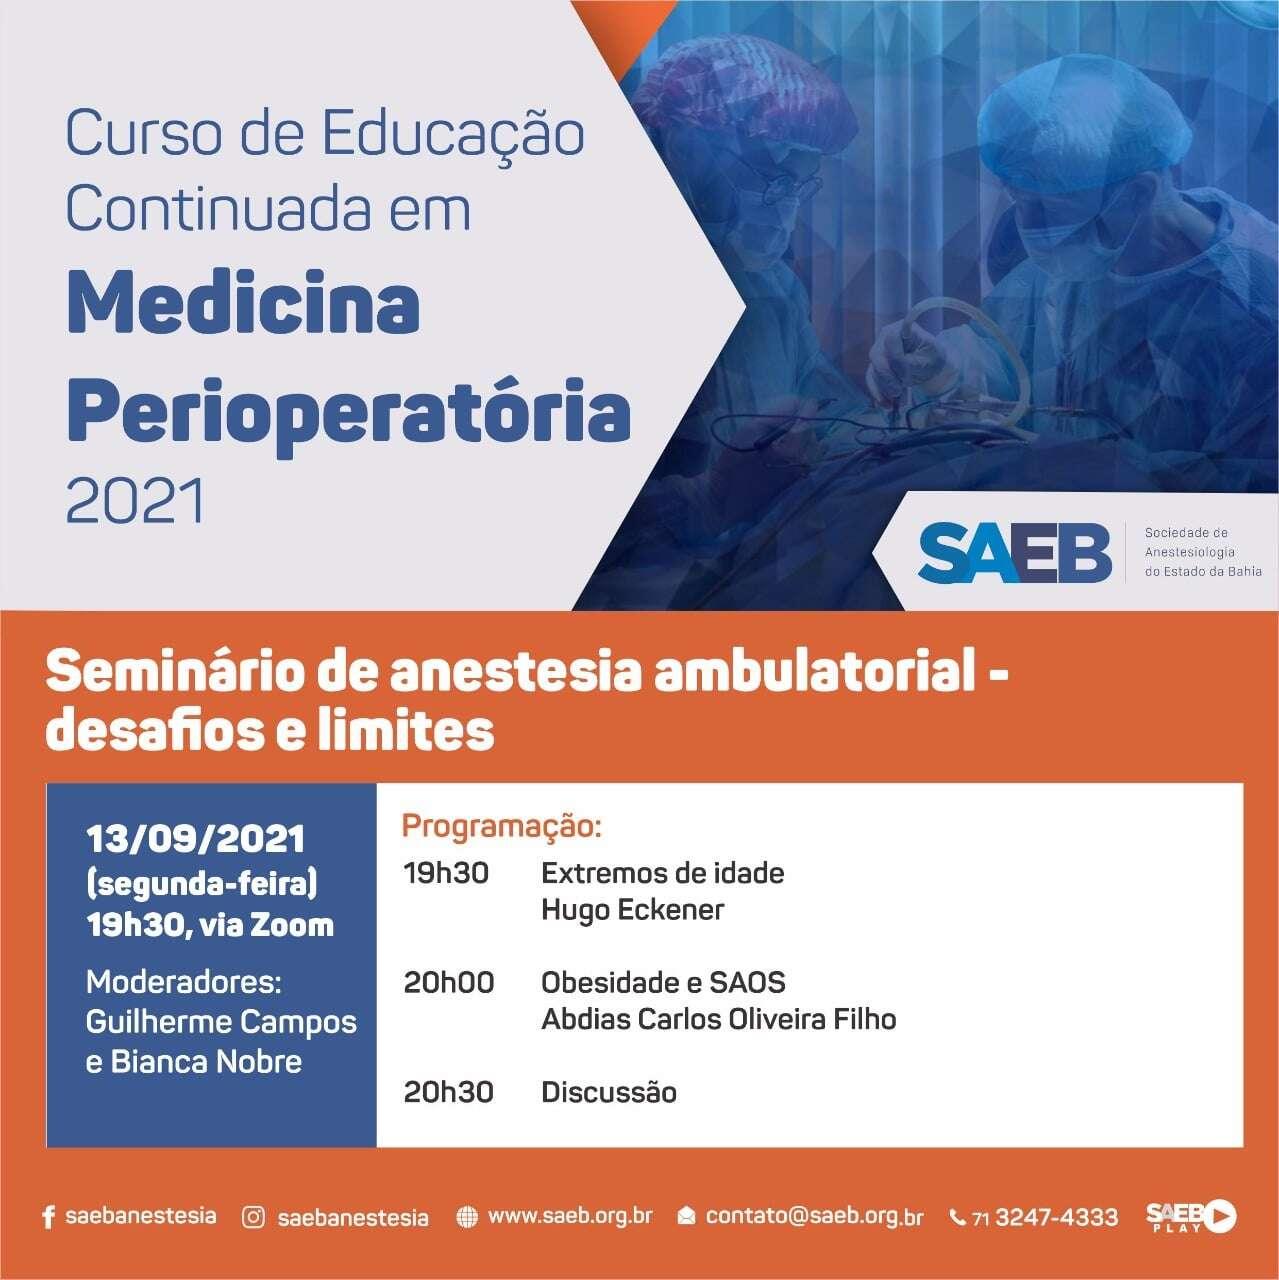 Curso de Educação Continuada Medicina Perioperatória 2021